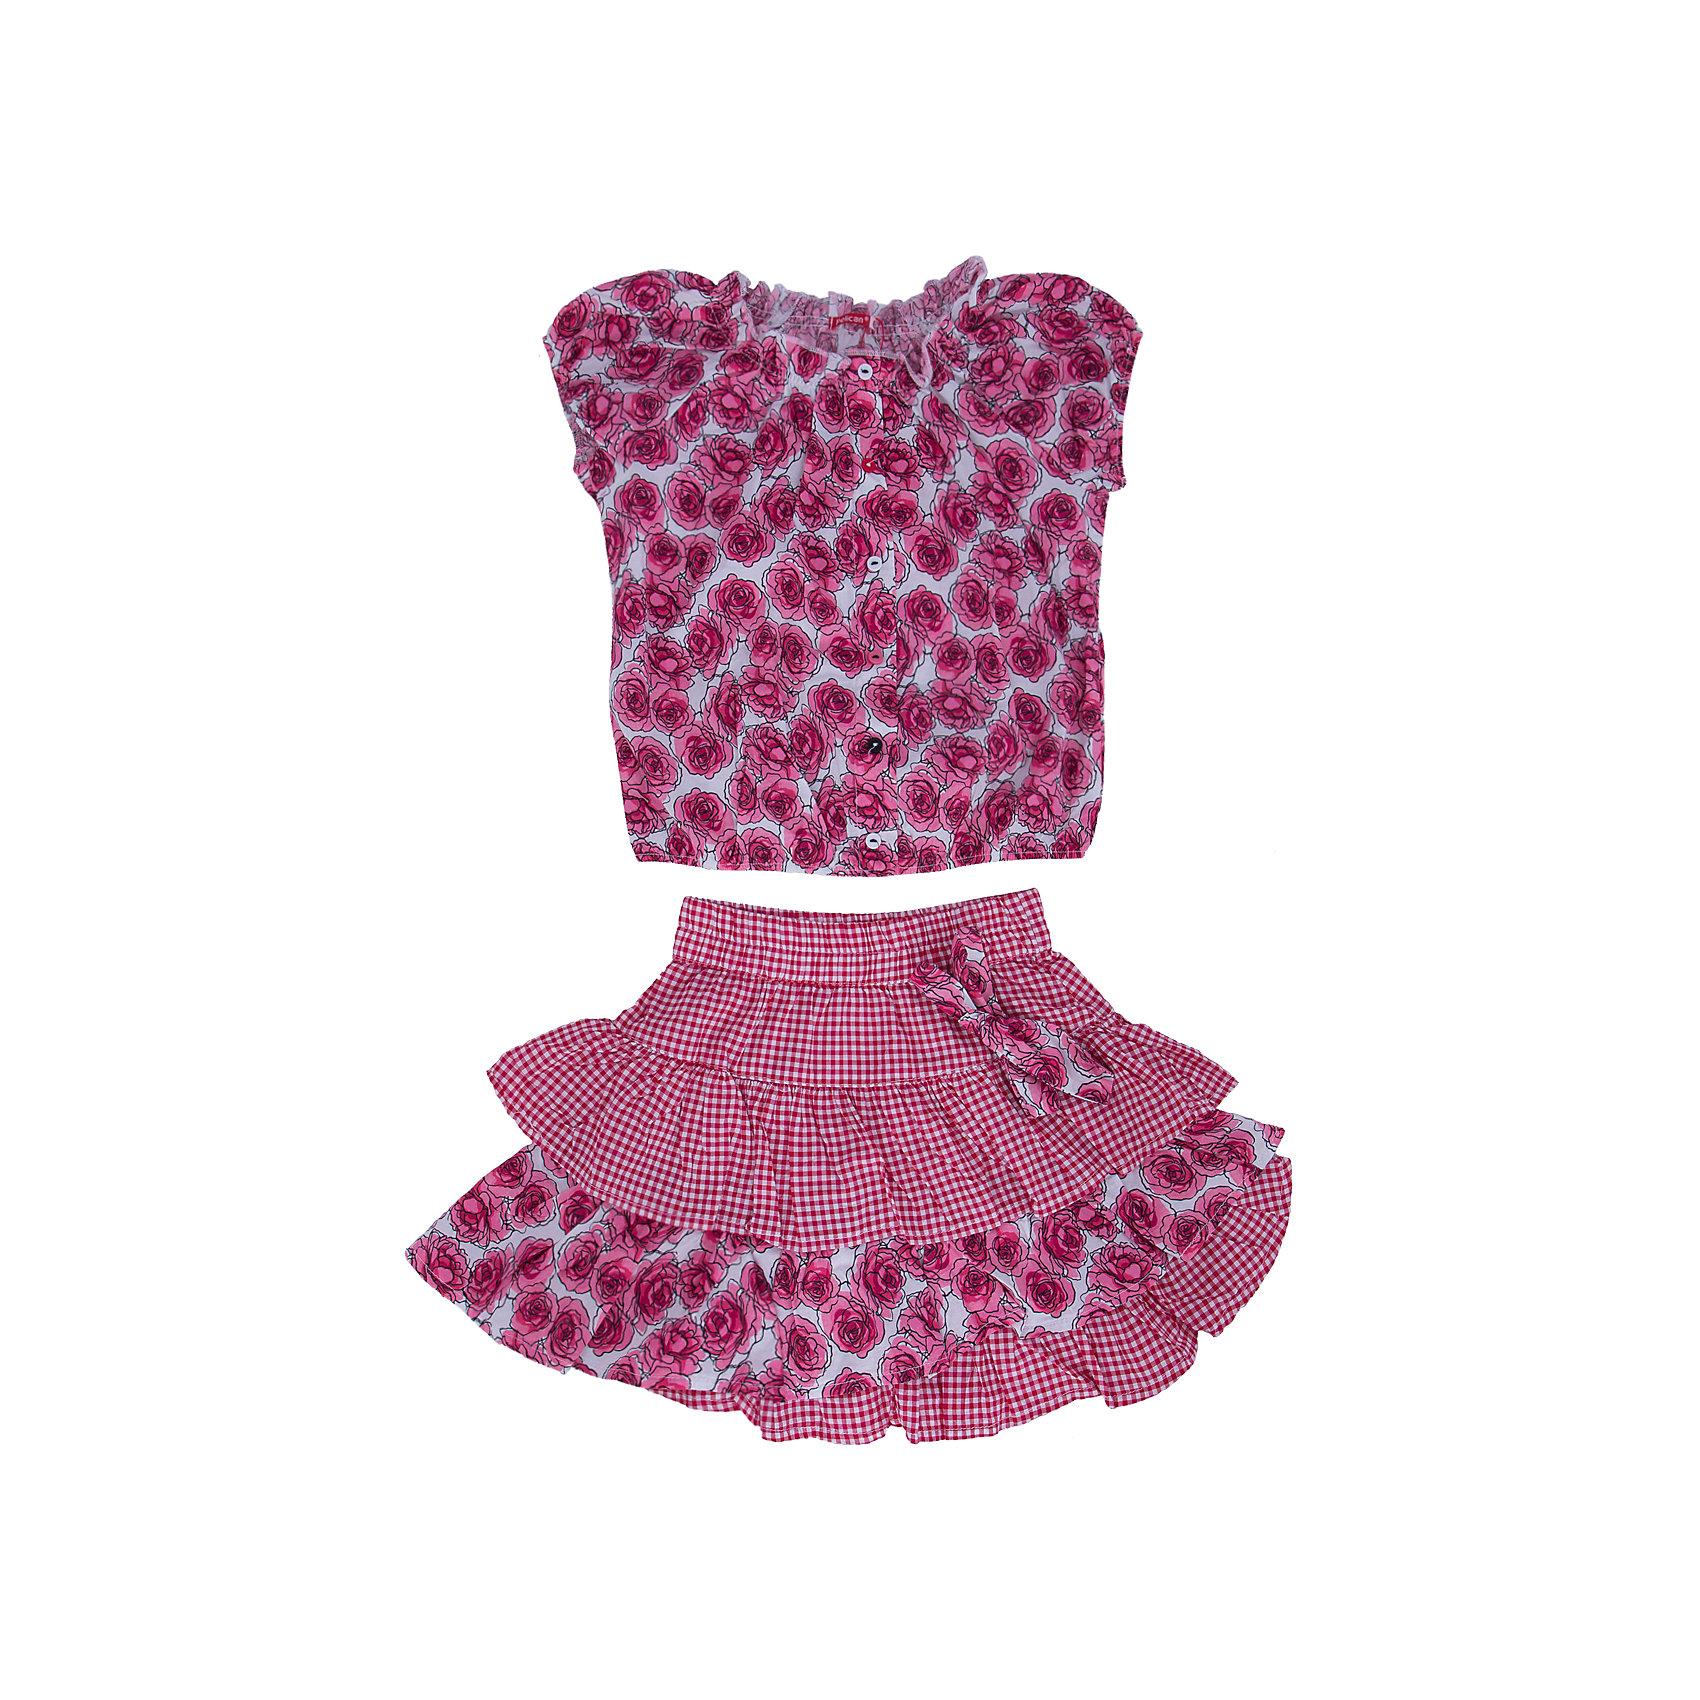 Комплект: блузка и юбка для девочки PELICANКомплекты<br>Стильный комплект для девочки состоит из блузки и юбки. Удобные вещи помогут разнообразить гардероб ребенка, создать подходящий погоде ансамбль. Удобный крой и качественный материал обеспечат ребенку комфорт при ношении этих вещей. <br>Комплект очень стильно смотрится благодаря актуальной в этот сезоне расцветке. Блузка - с модным принтом и короткими рукавами. Юбка украшена воланами и бантом. Материал - легкий, тонкий, отлично подходит для лета, состоит из дышащего натурального хлопка. Очень приятен на ощупь, не вызывает аллергии.<br><br>Дополнительная информация:<br><br>материал: 100% хлопок;<br>цвет: розовый;<br>с принтом;<br>юбка декорирована воланами и бантом.<br><br>Комплект для девочки от бренда PELICAN (Пеликан) можно купить в нашем магазине.<br><br>Ширина мм: 207<br>Глубина мм: 10<br>Высота мм: 189<br>Вес г: 183<br>Цвет: розовый<br>Возраст от месяцев: 24<br>Возраст до месяцев: 36<br>Пол: Женский<br>Возраст: Детский<br>Размер: 98,104,116,110<br>SKU: 4805154